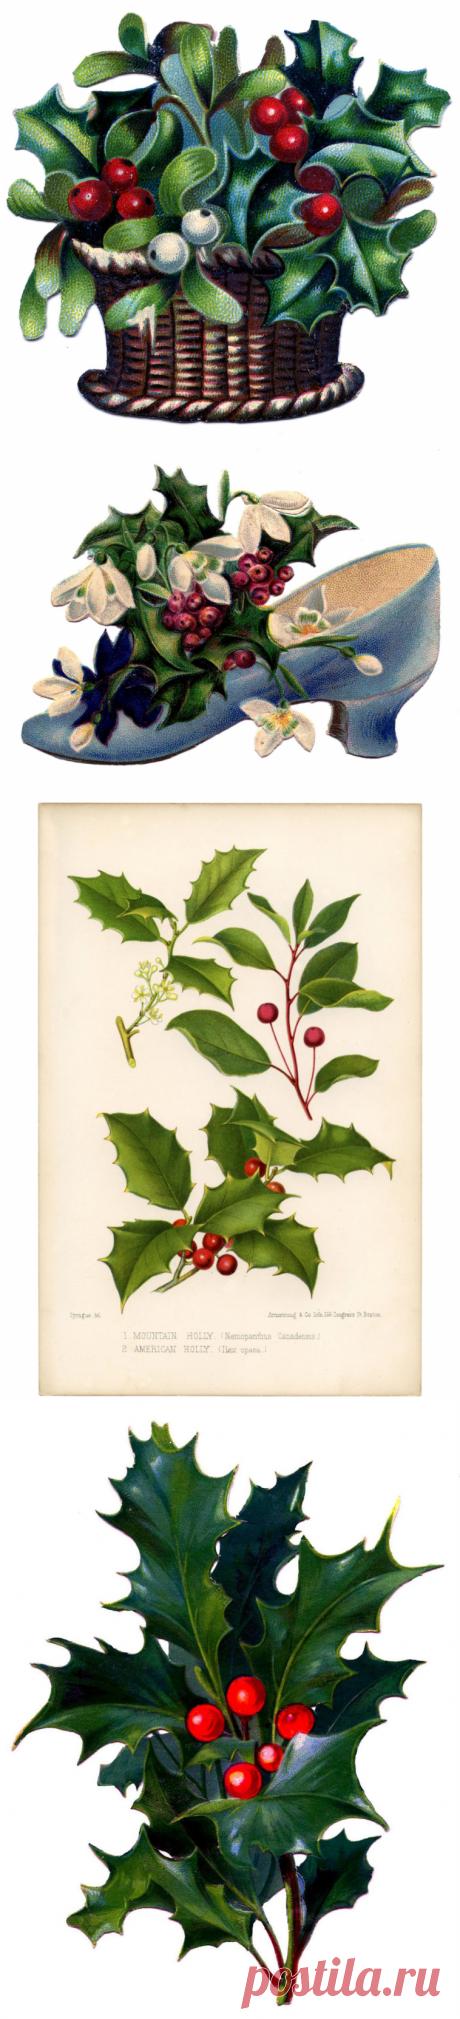 14 Рождественских Изображений Холли! - Графика Сказочная